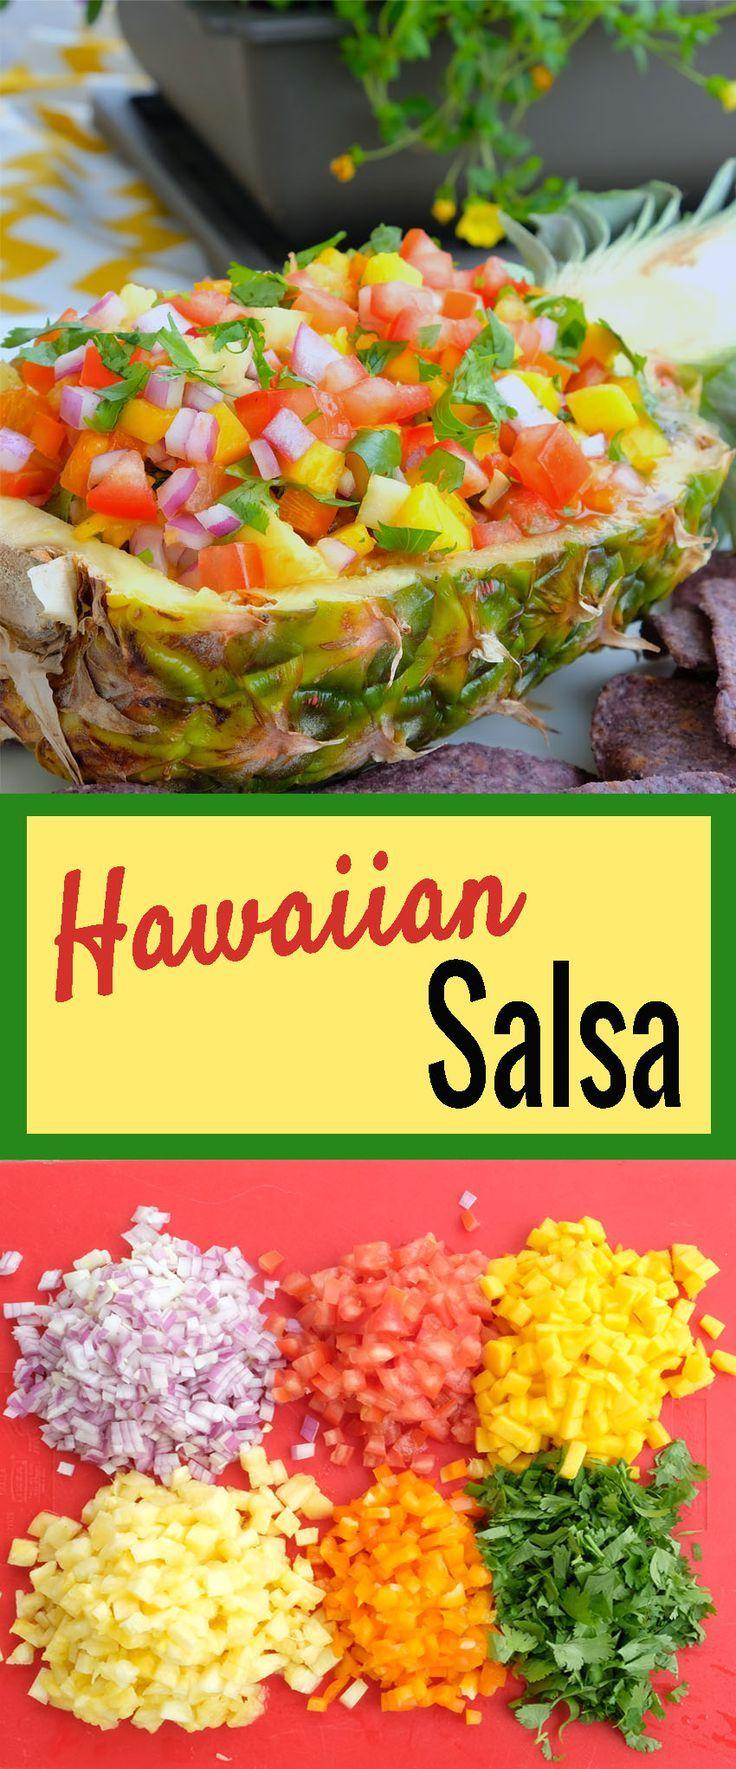 Hawaiian Salsa | Whole Sisters